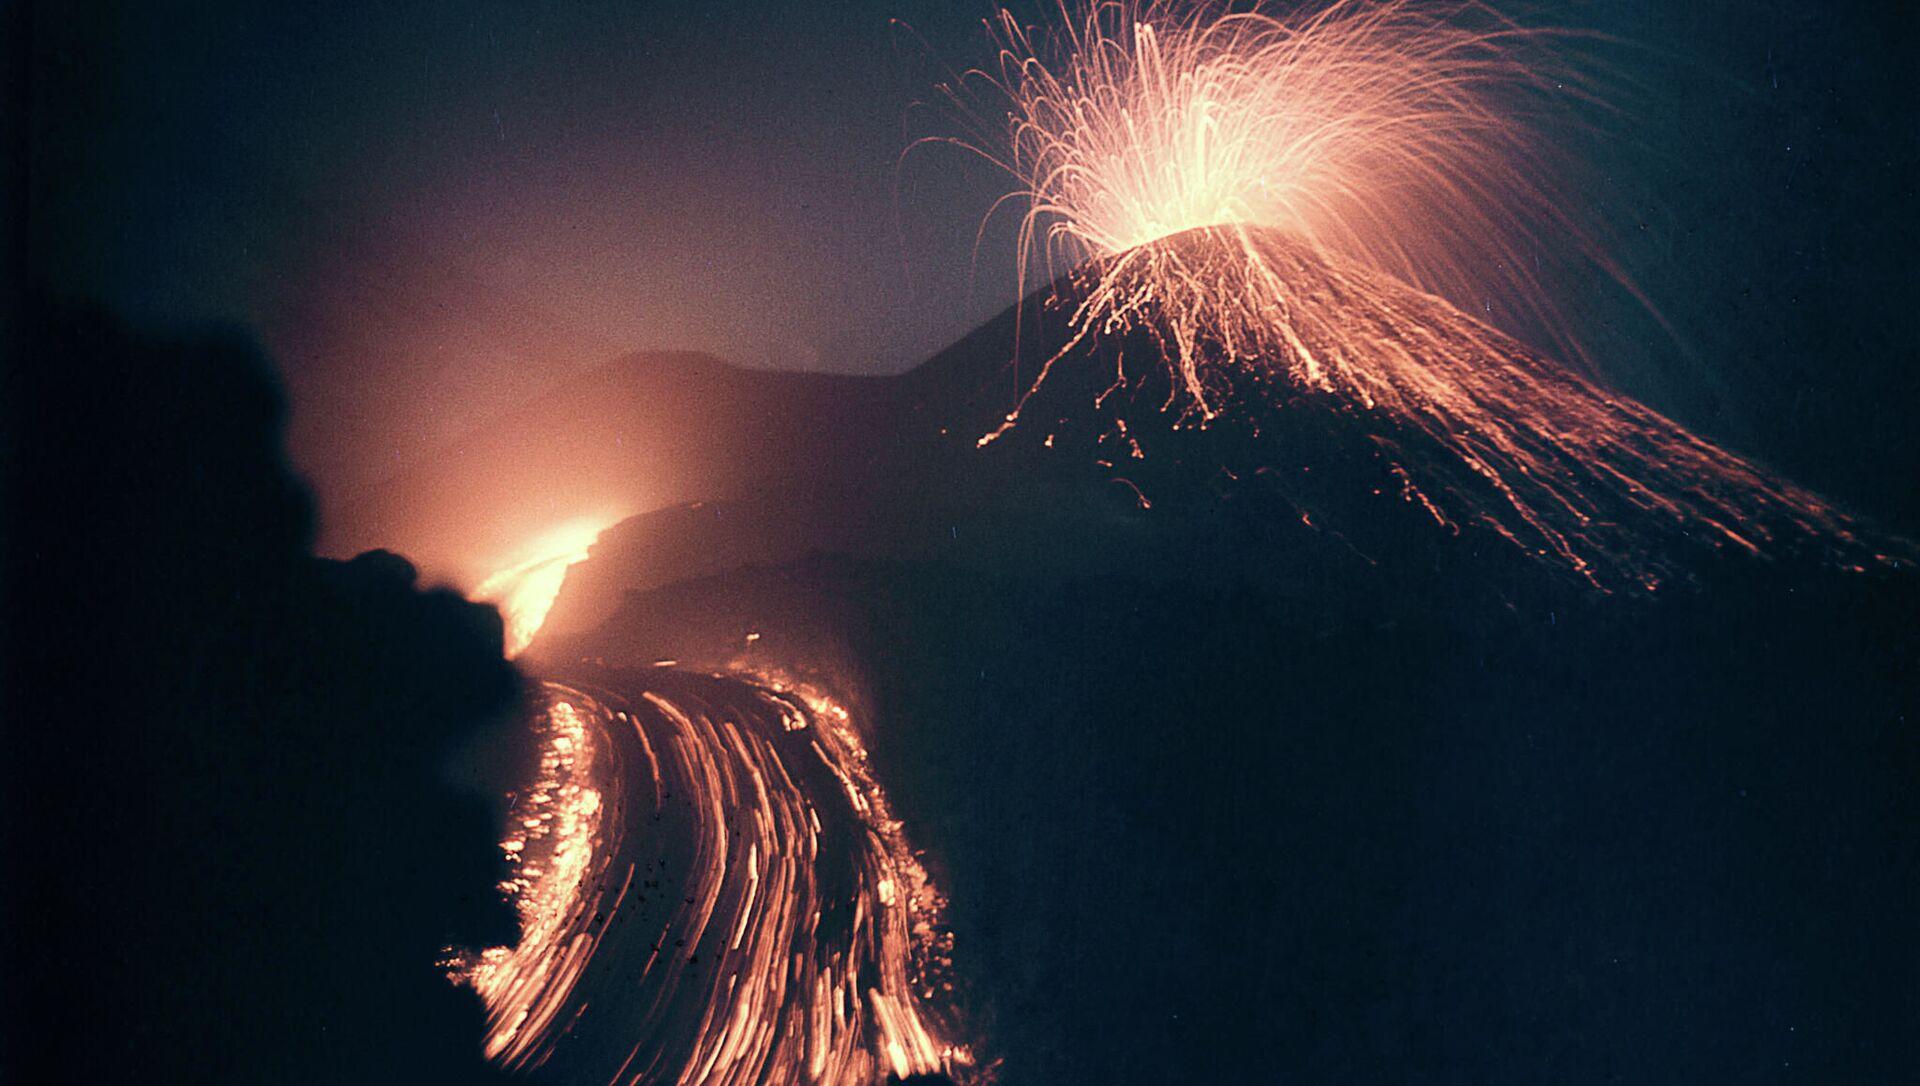 Ерупција вулкана Кључевска сопка - Sputnik Србија, 1920, 10.03.2021